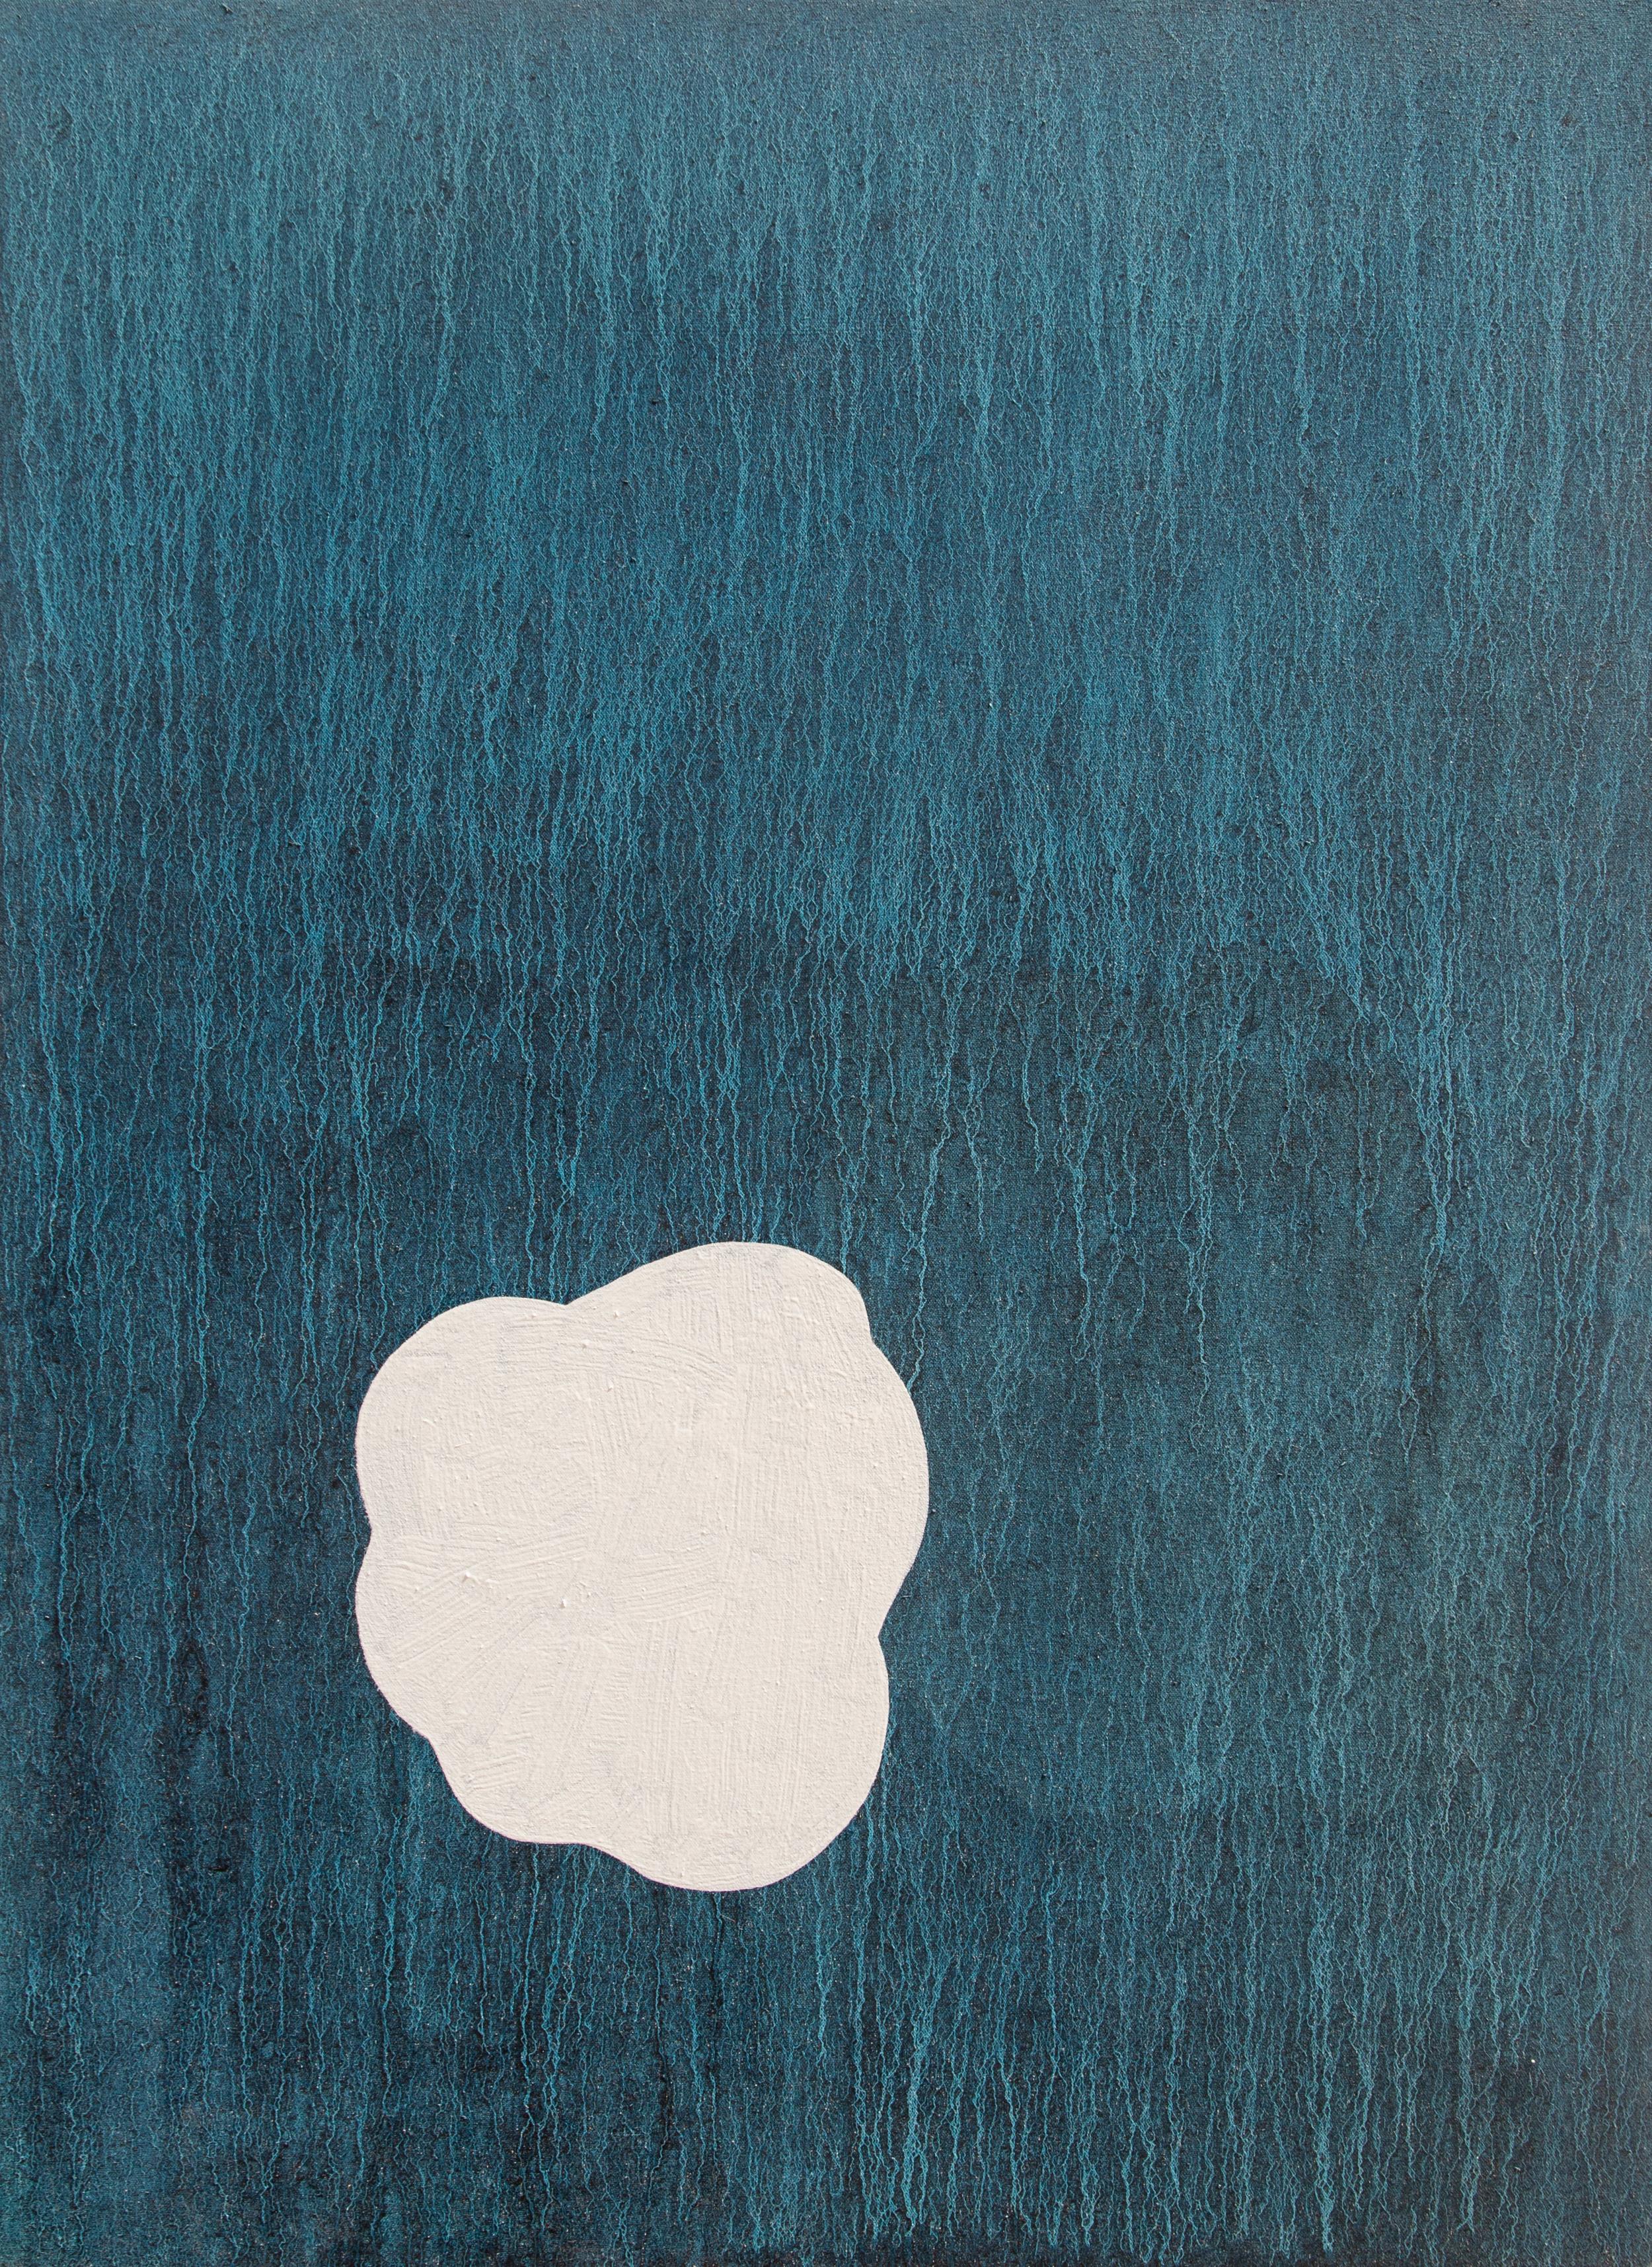 Uncommon Bundles No. 5 , oil on canvas, 56 x 76 cm, 2015.